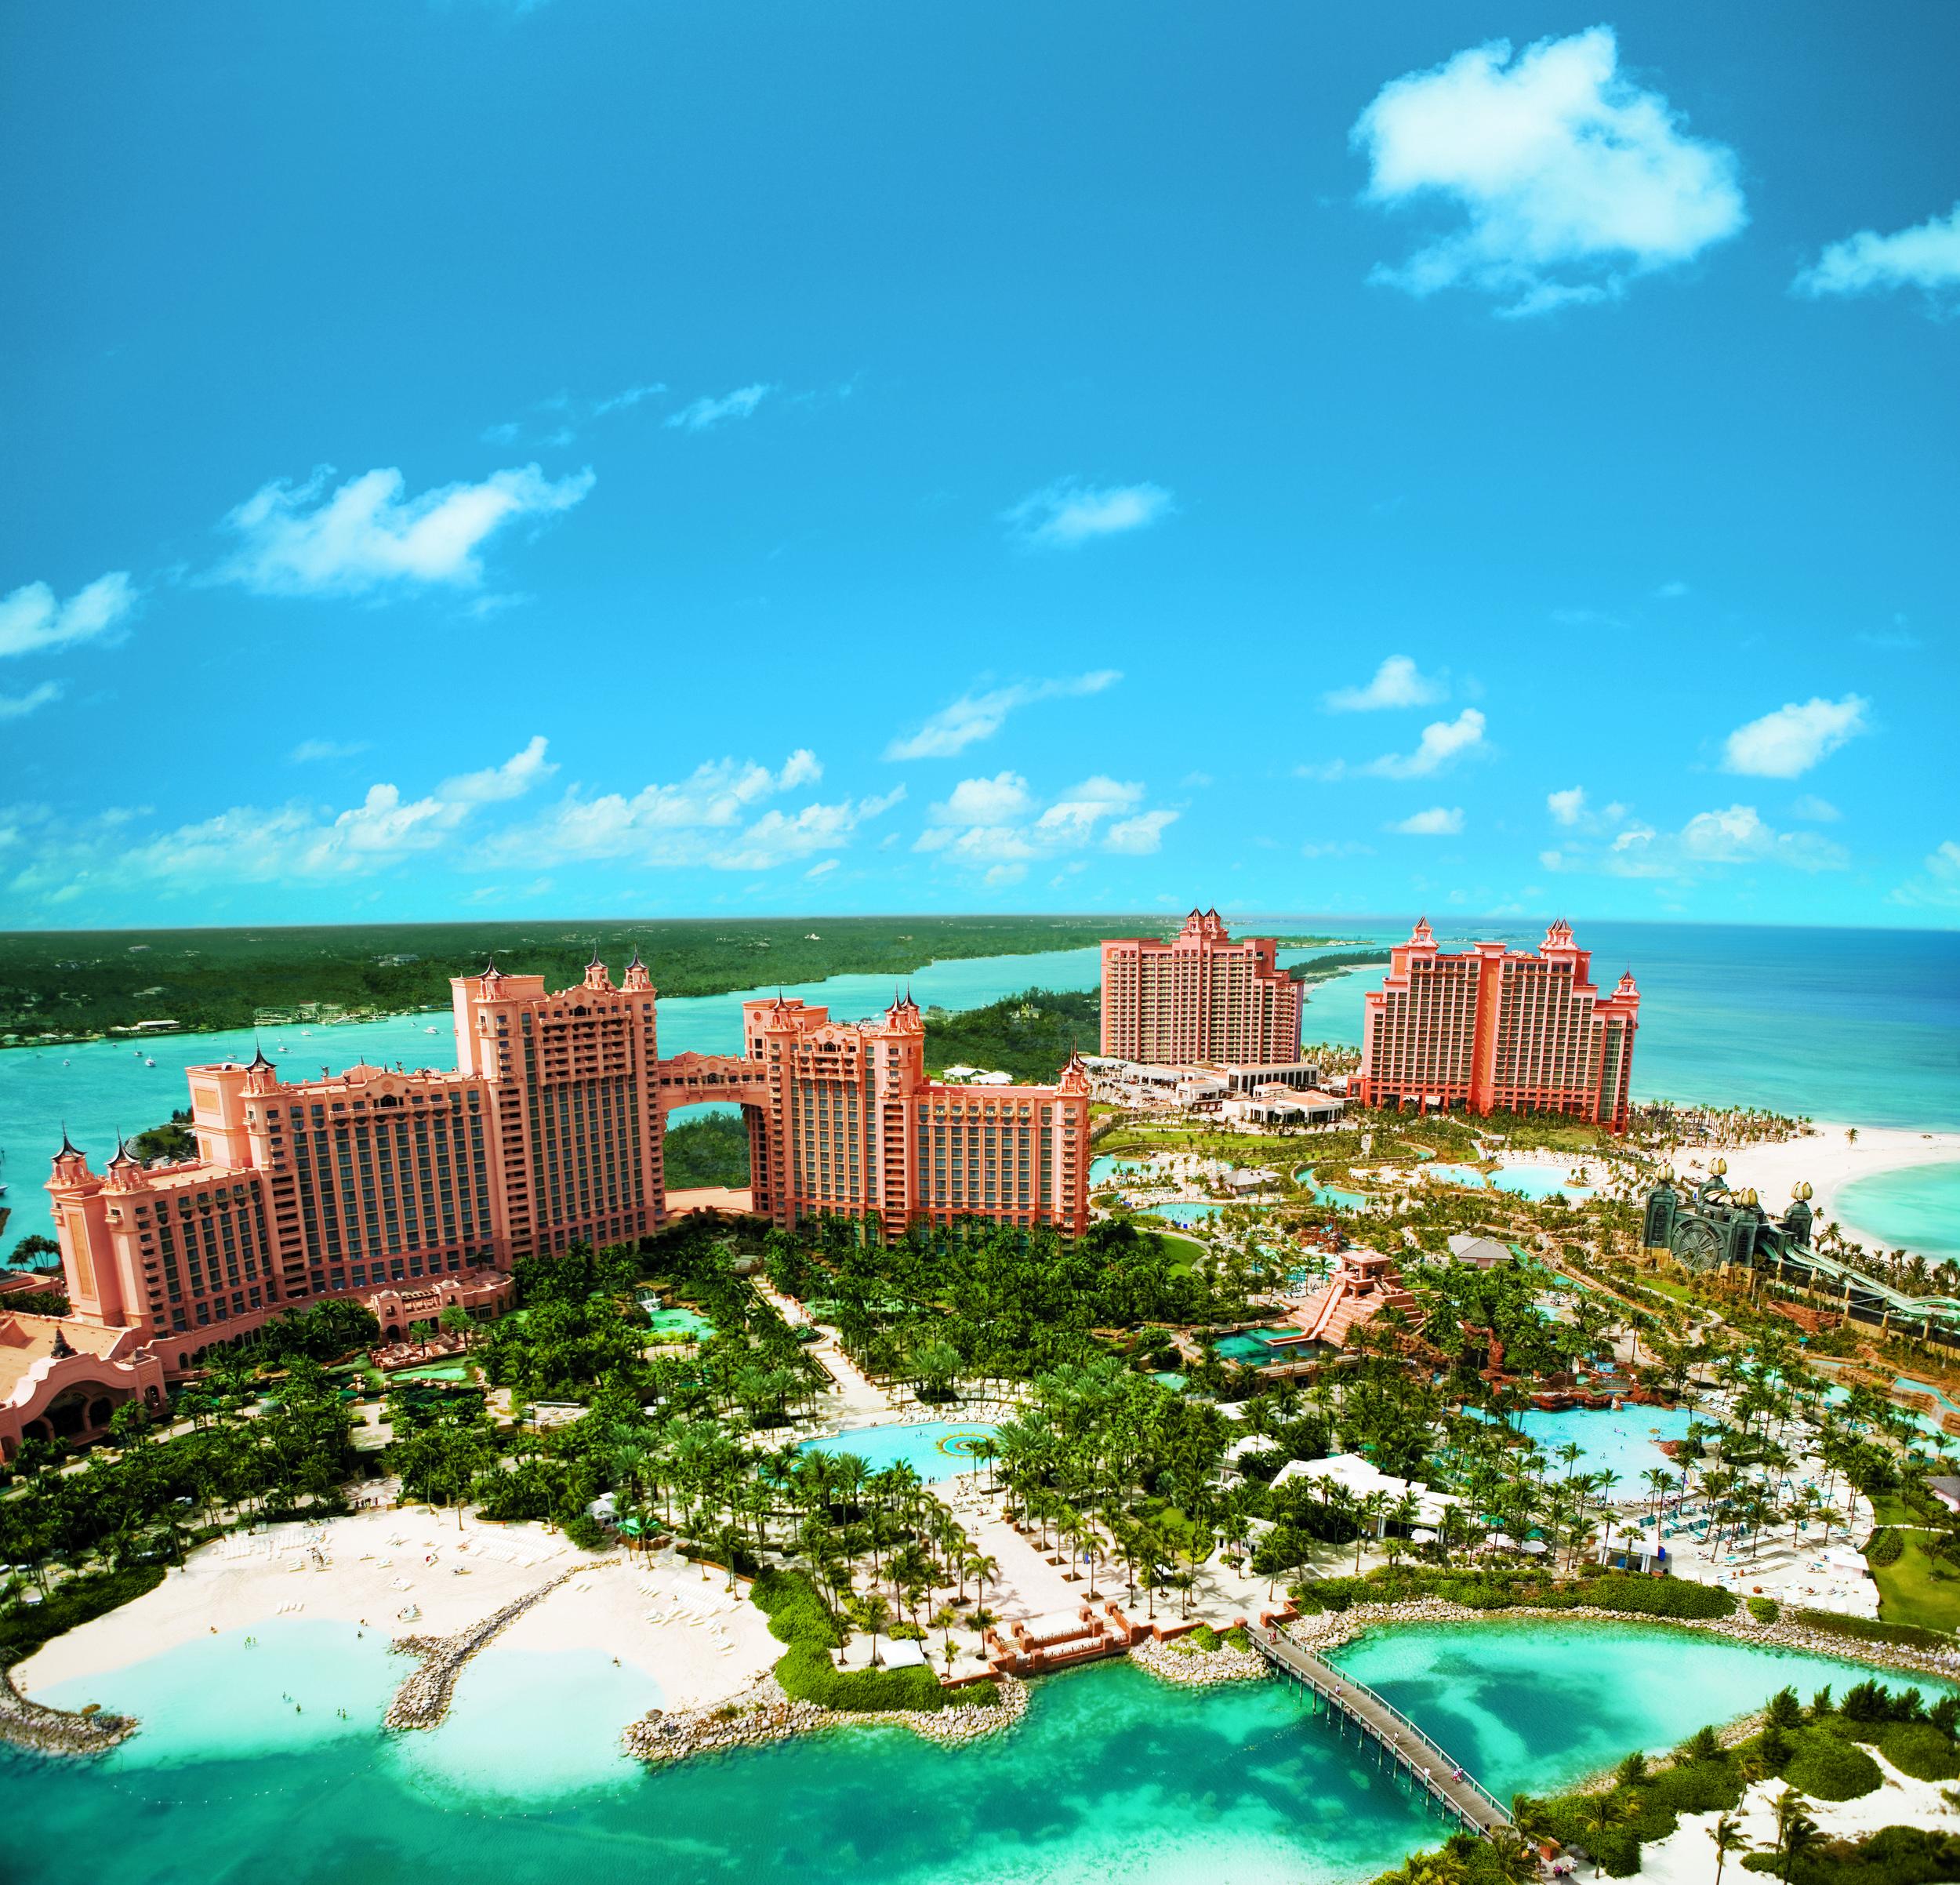 Atlantis_Aerial_View_2319_standard.jpg